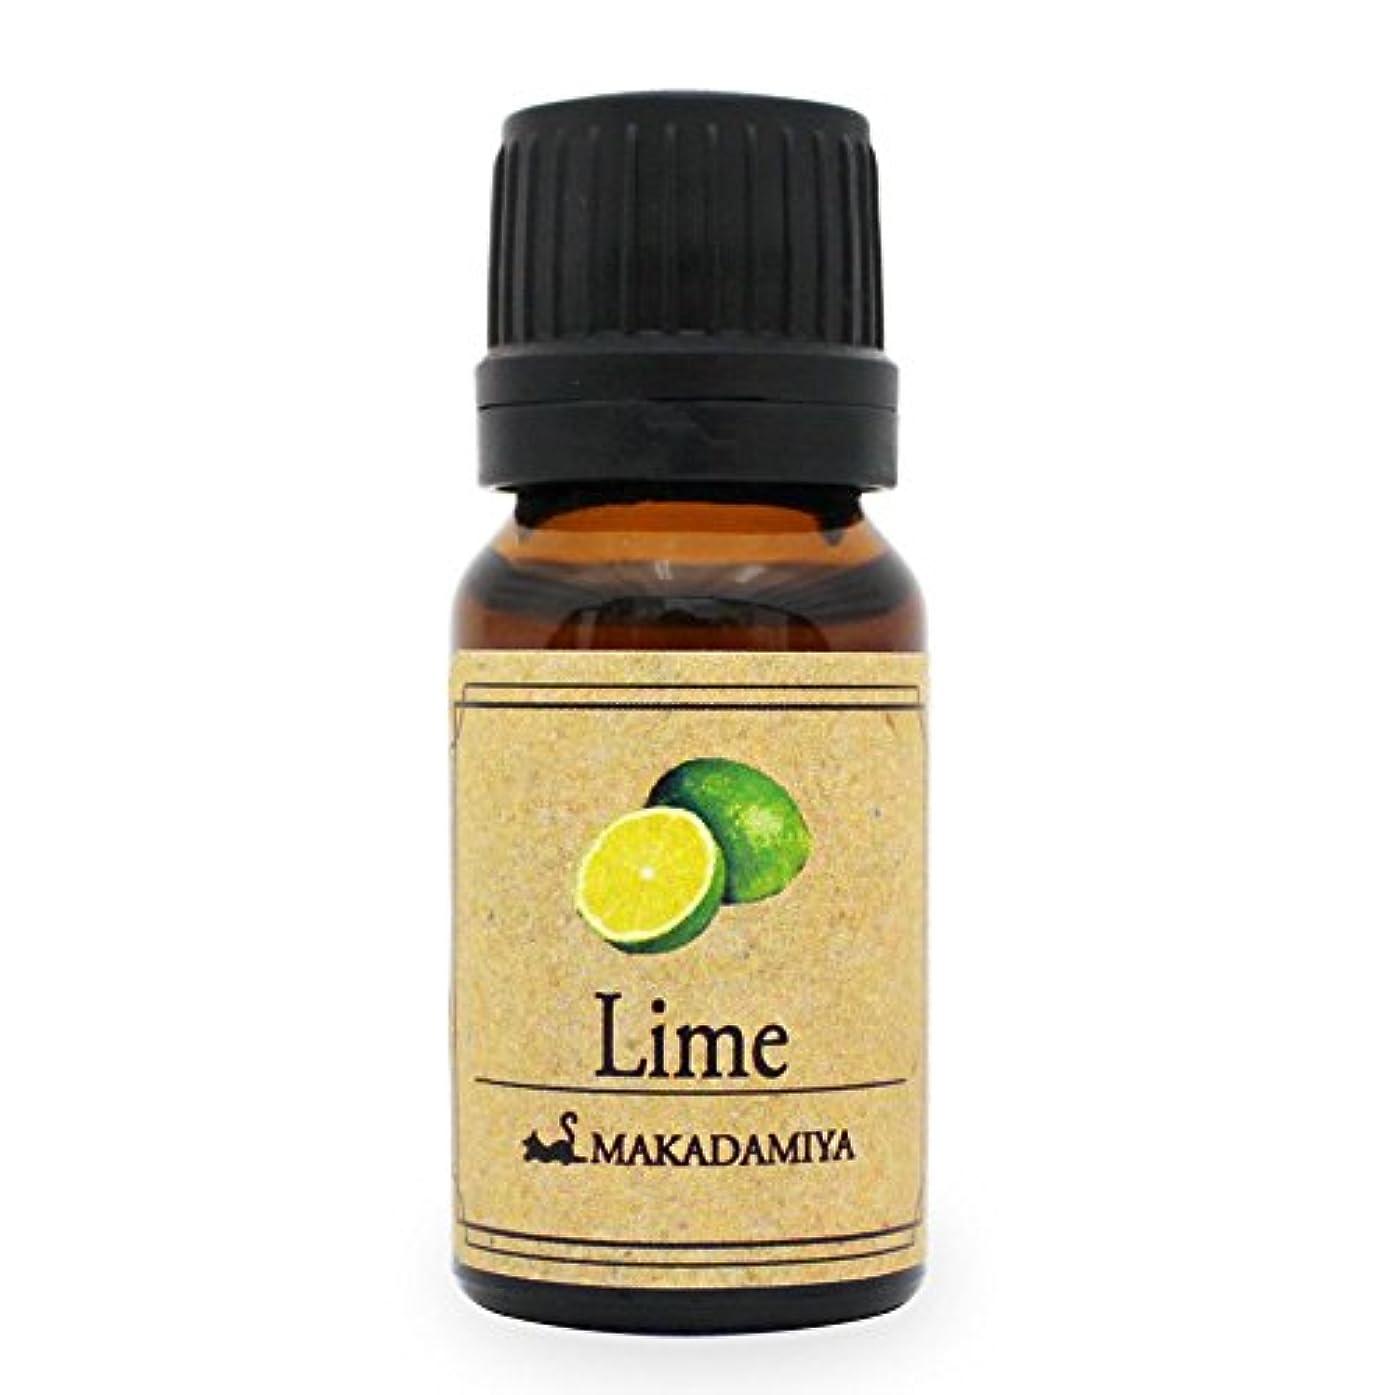 委員長形容詞マニュアルライム10ml 天然100%植物性 エッセンシャルオイル(精油) アロマオイル アロママッサージ aroma Lime